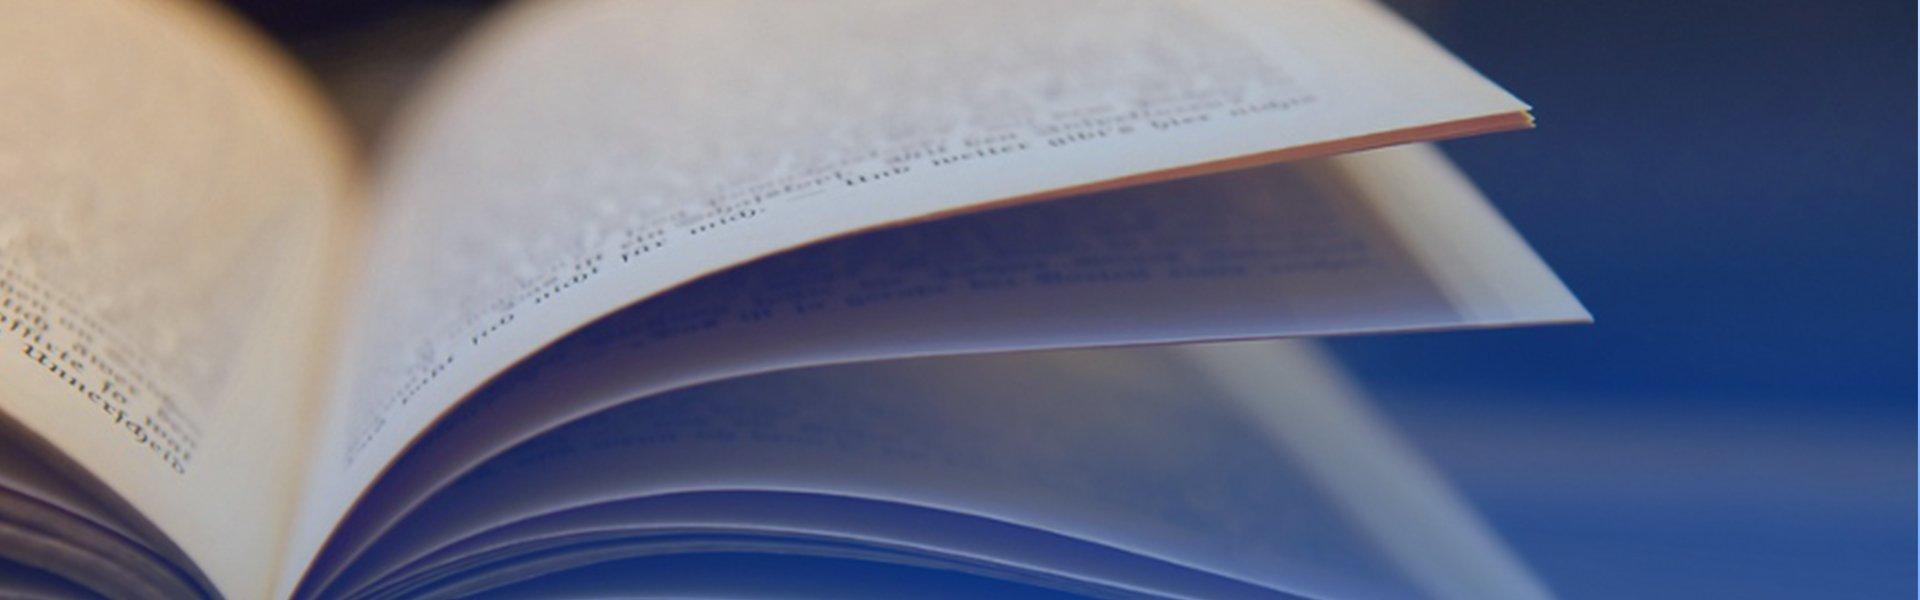 capa de ensinos biblicos novo testamentoPrancheta 1